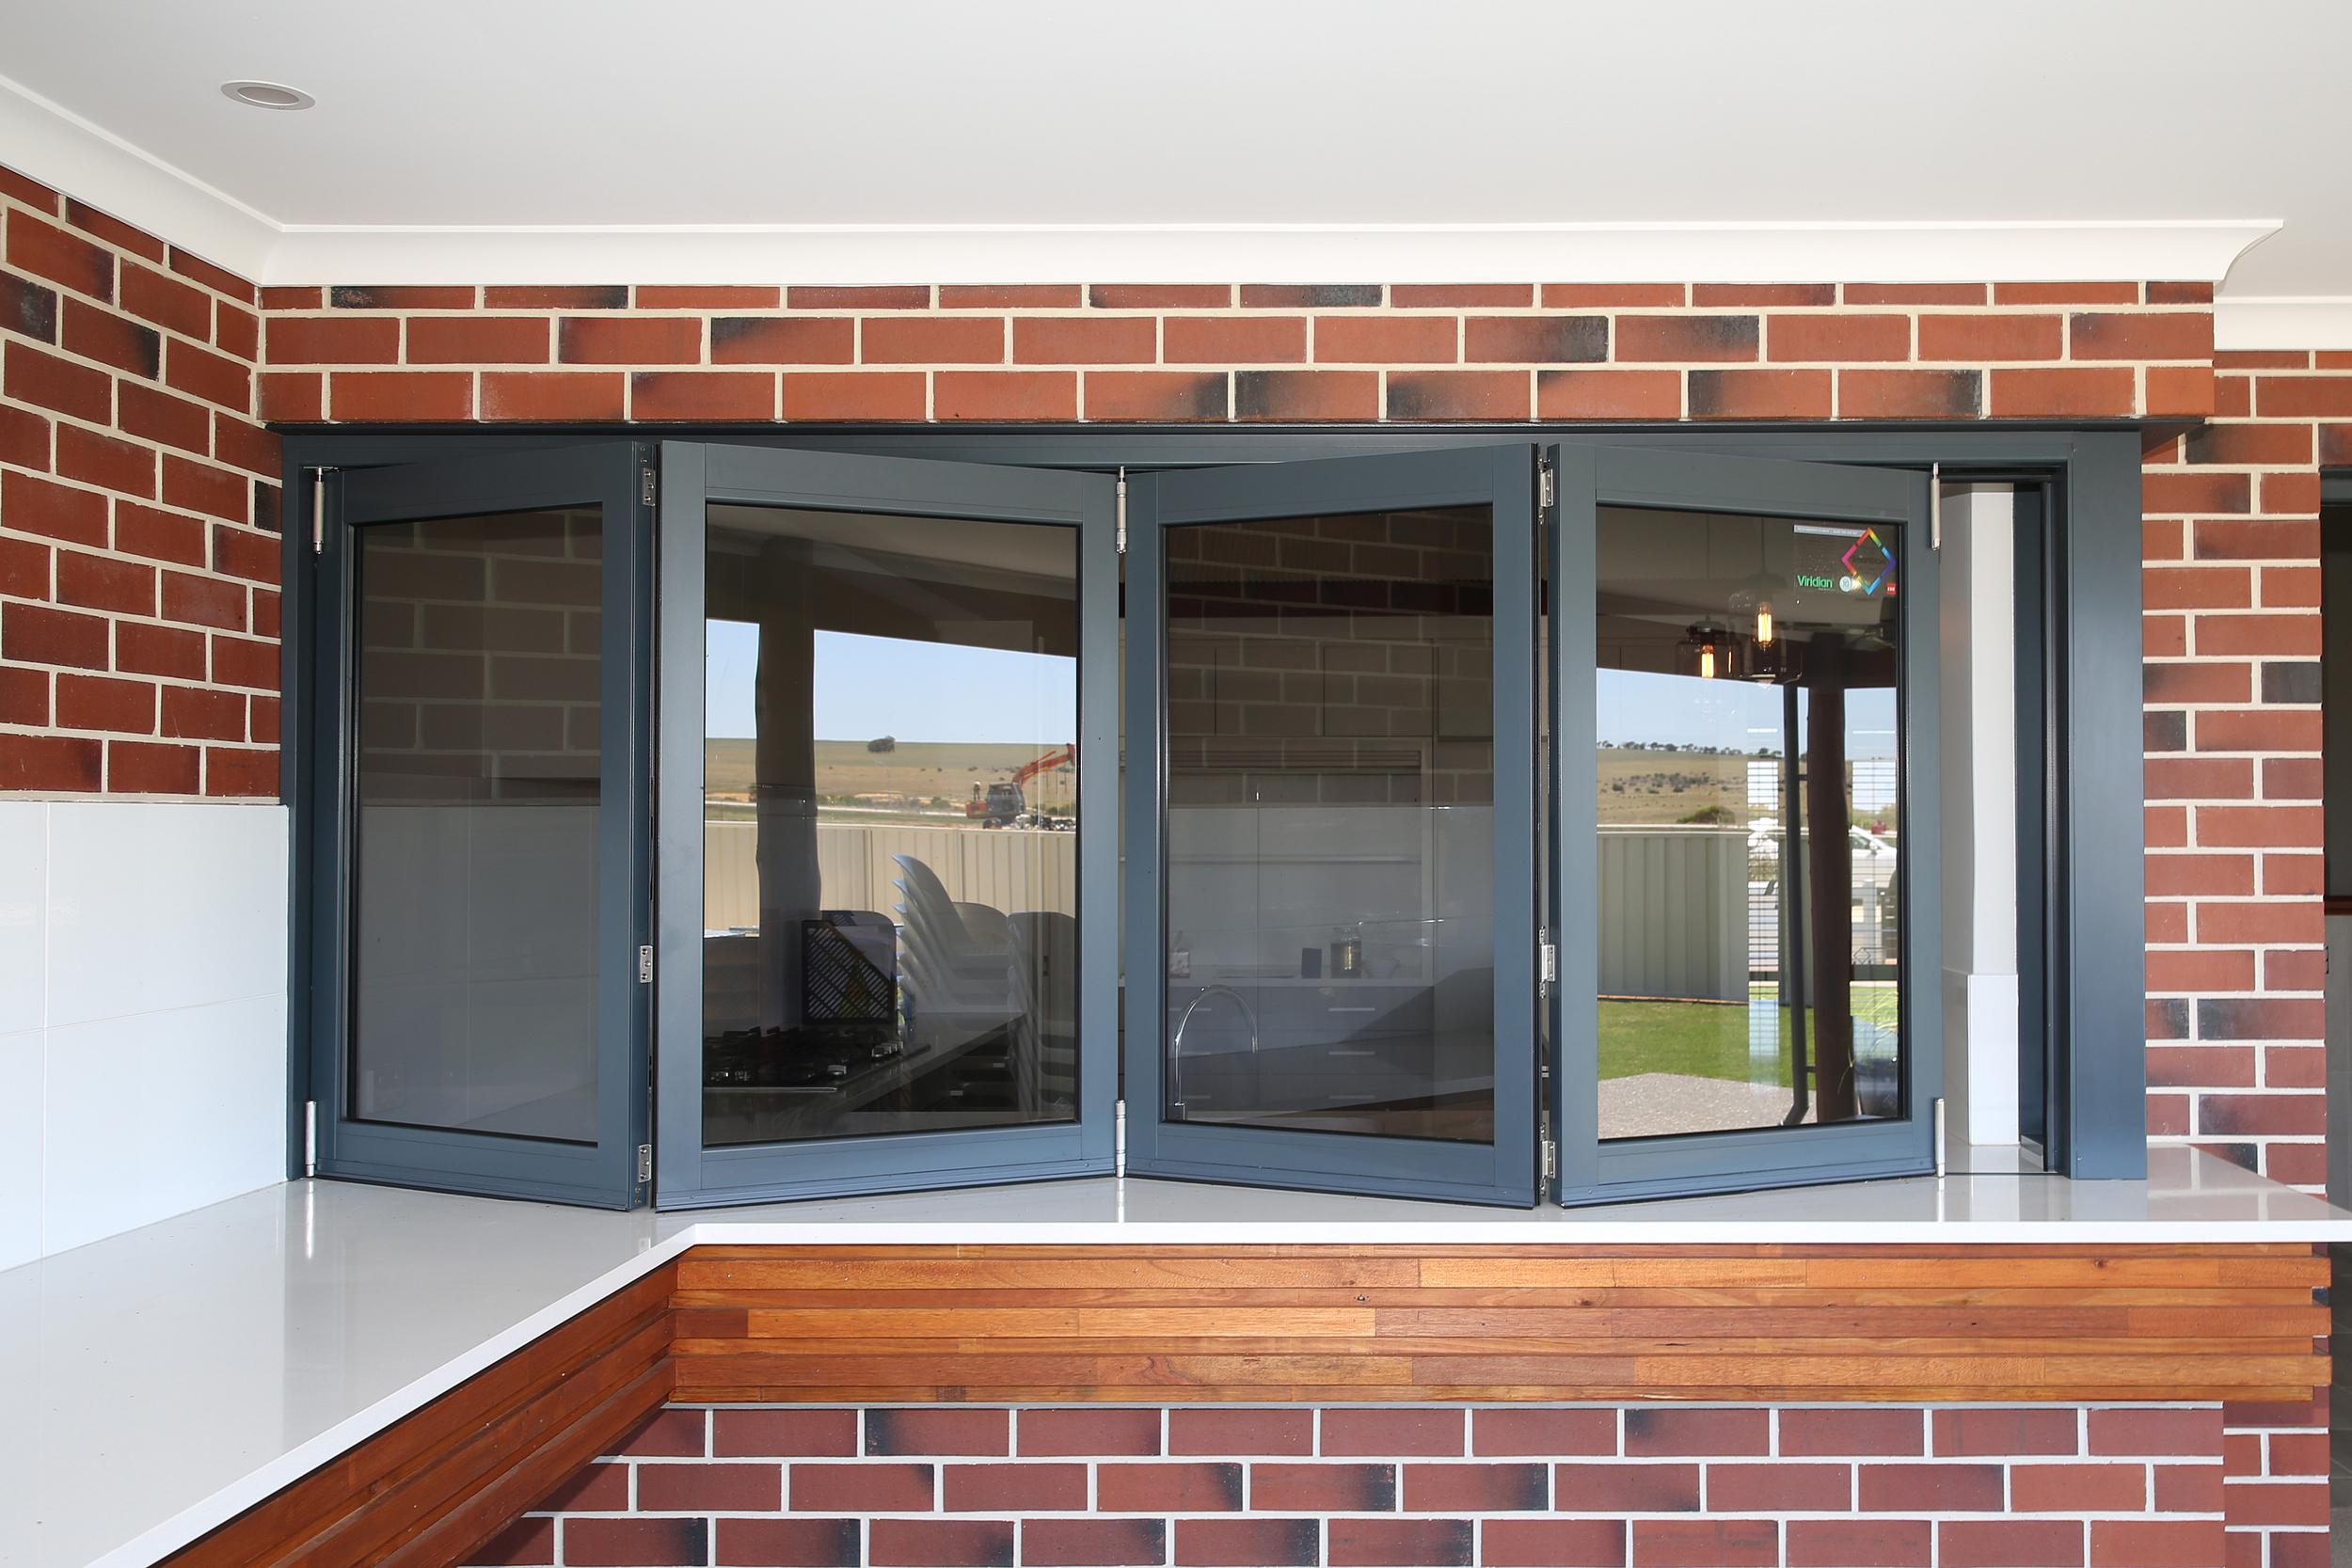 BI FOLDING WINDOW & DOOR brick